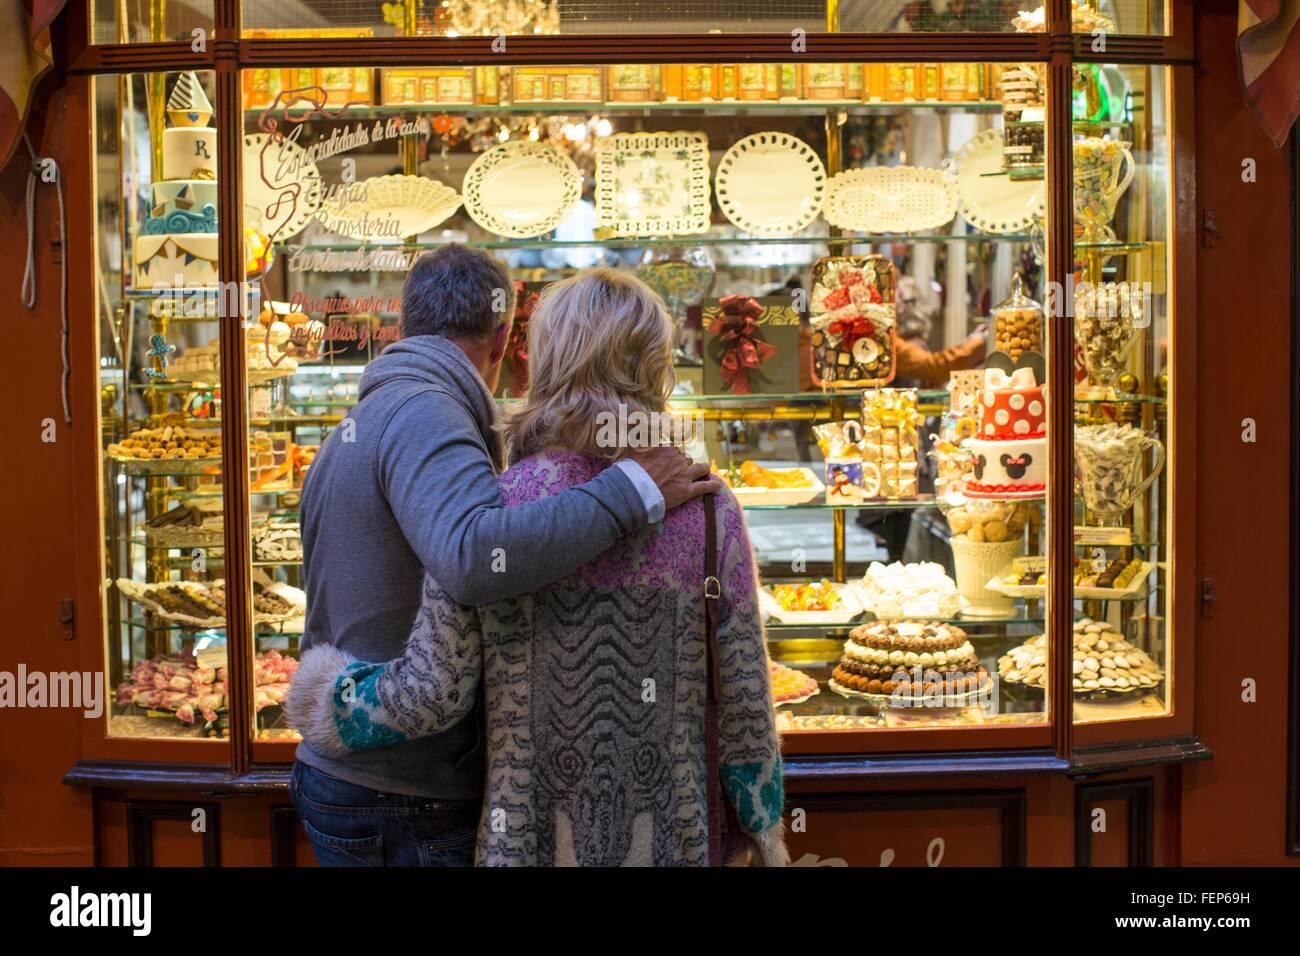 Rückansicht des romantischen älteres Paar am Kuchen Schaufenster, Mallorca, Spanien Stockbild